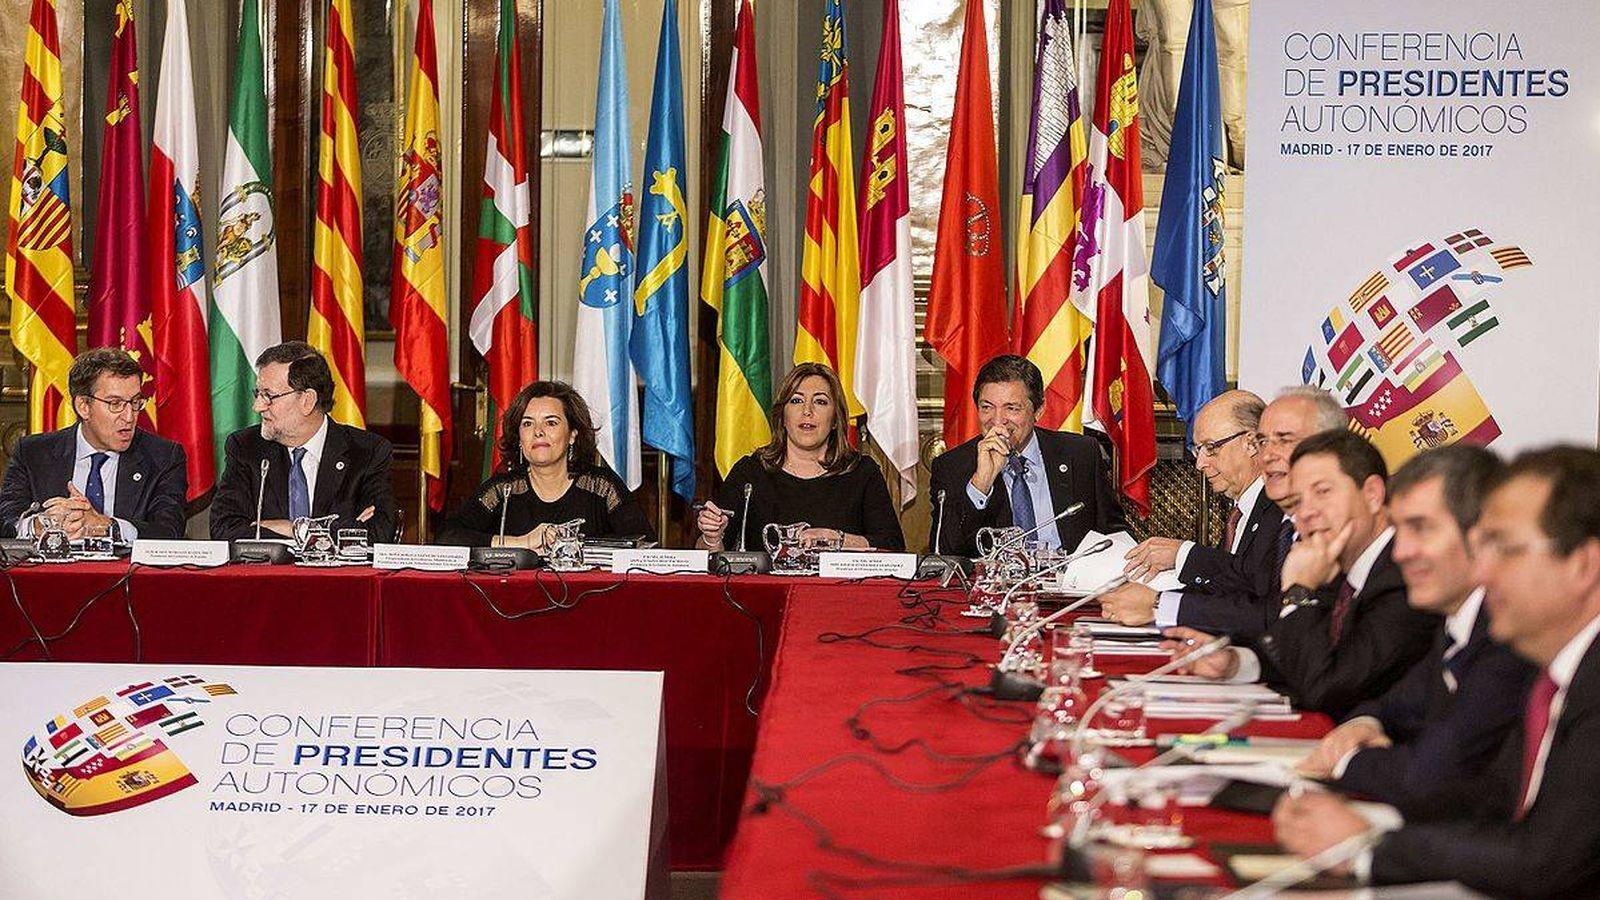 Foto: Conferencia de Presidentes Autonómicos de enero de 2017. (EFE)